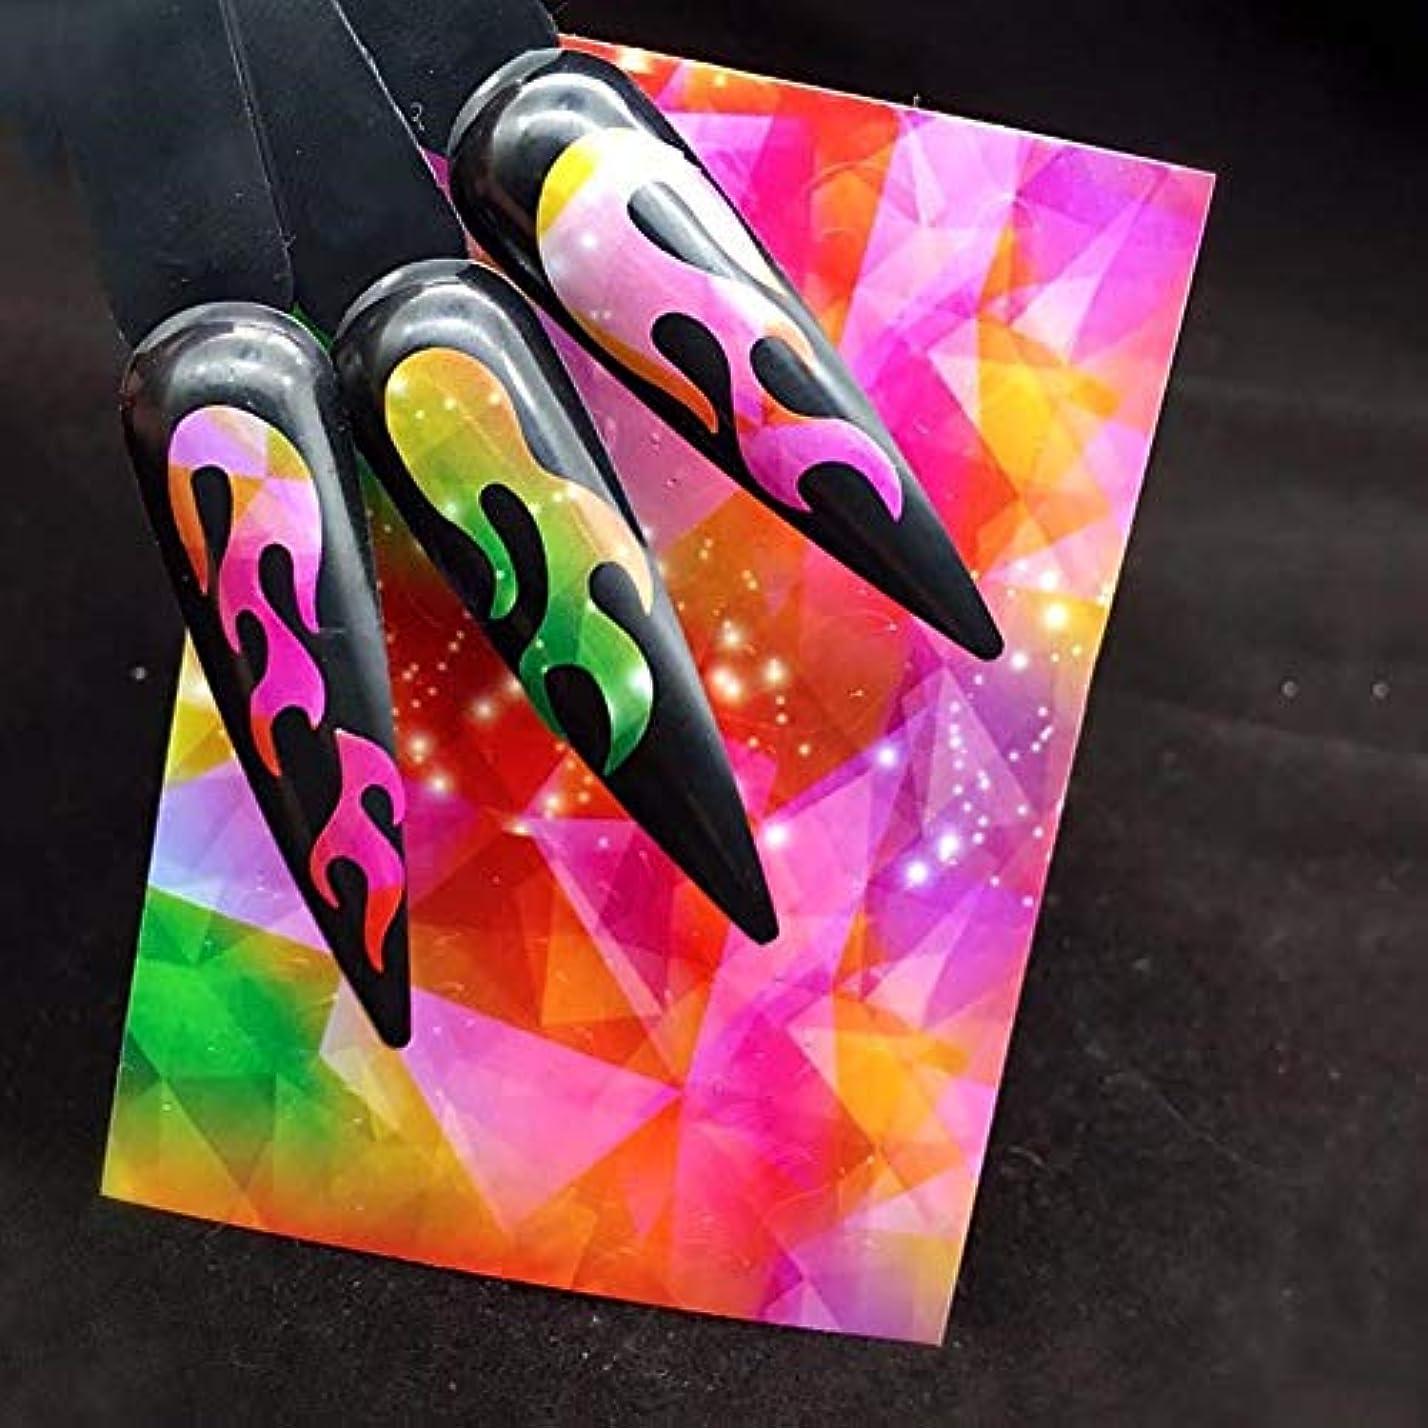 クマノミ自我常習者Murakush ネイルステッカー レーザー接着 ステッカー 炎パターン オーロラ マニキュア装飾 ネイルアート デカールツール 5#